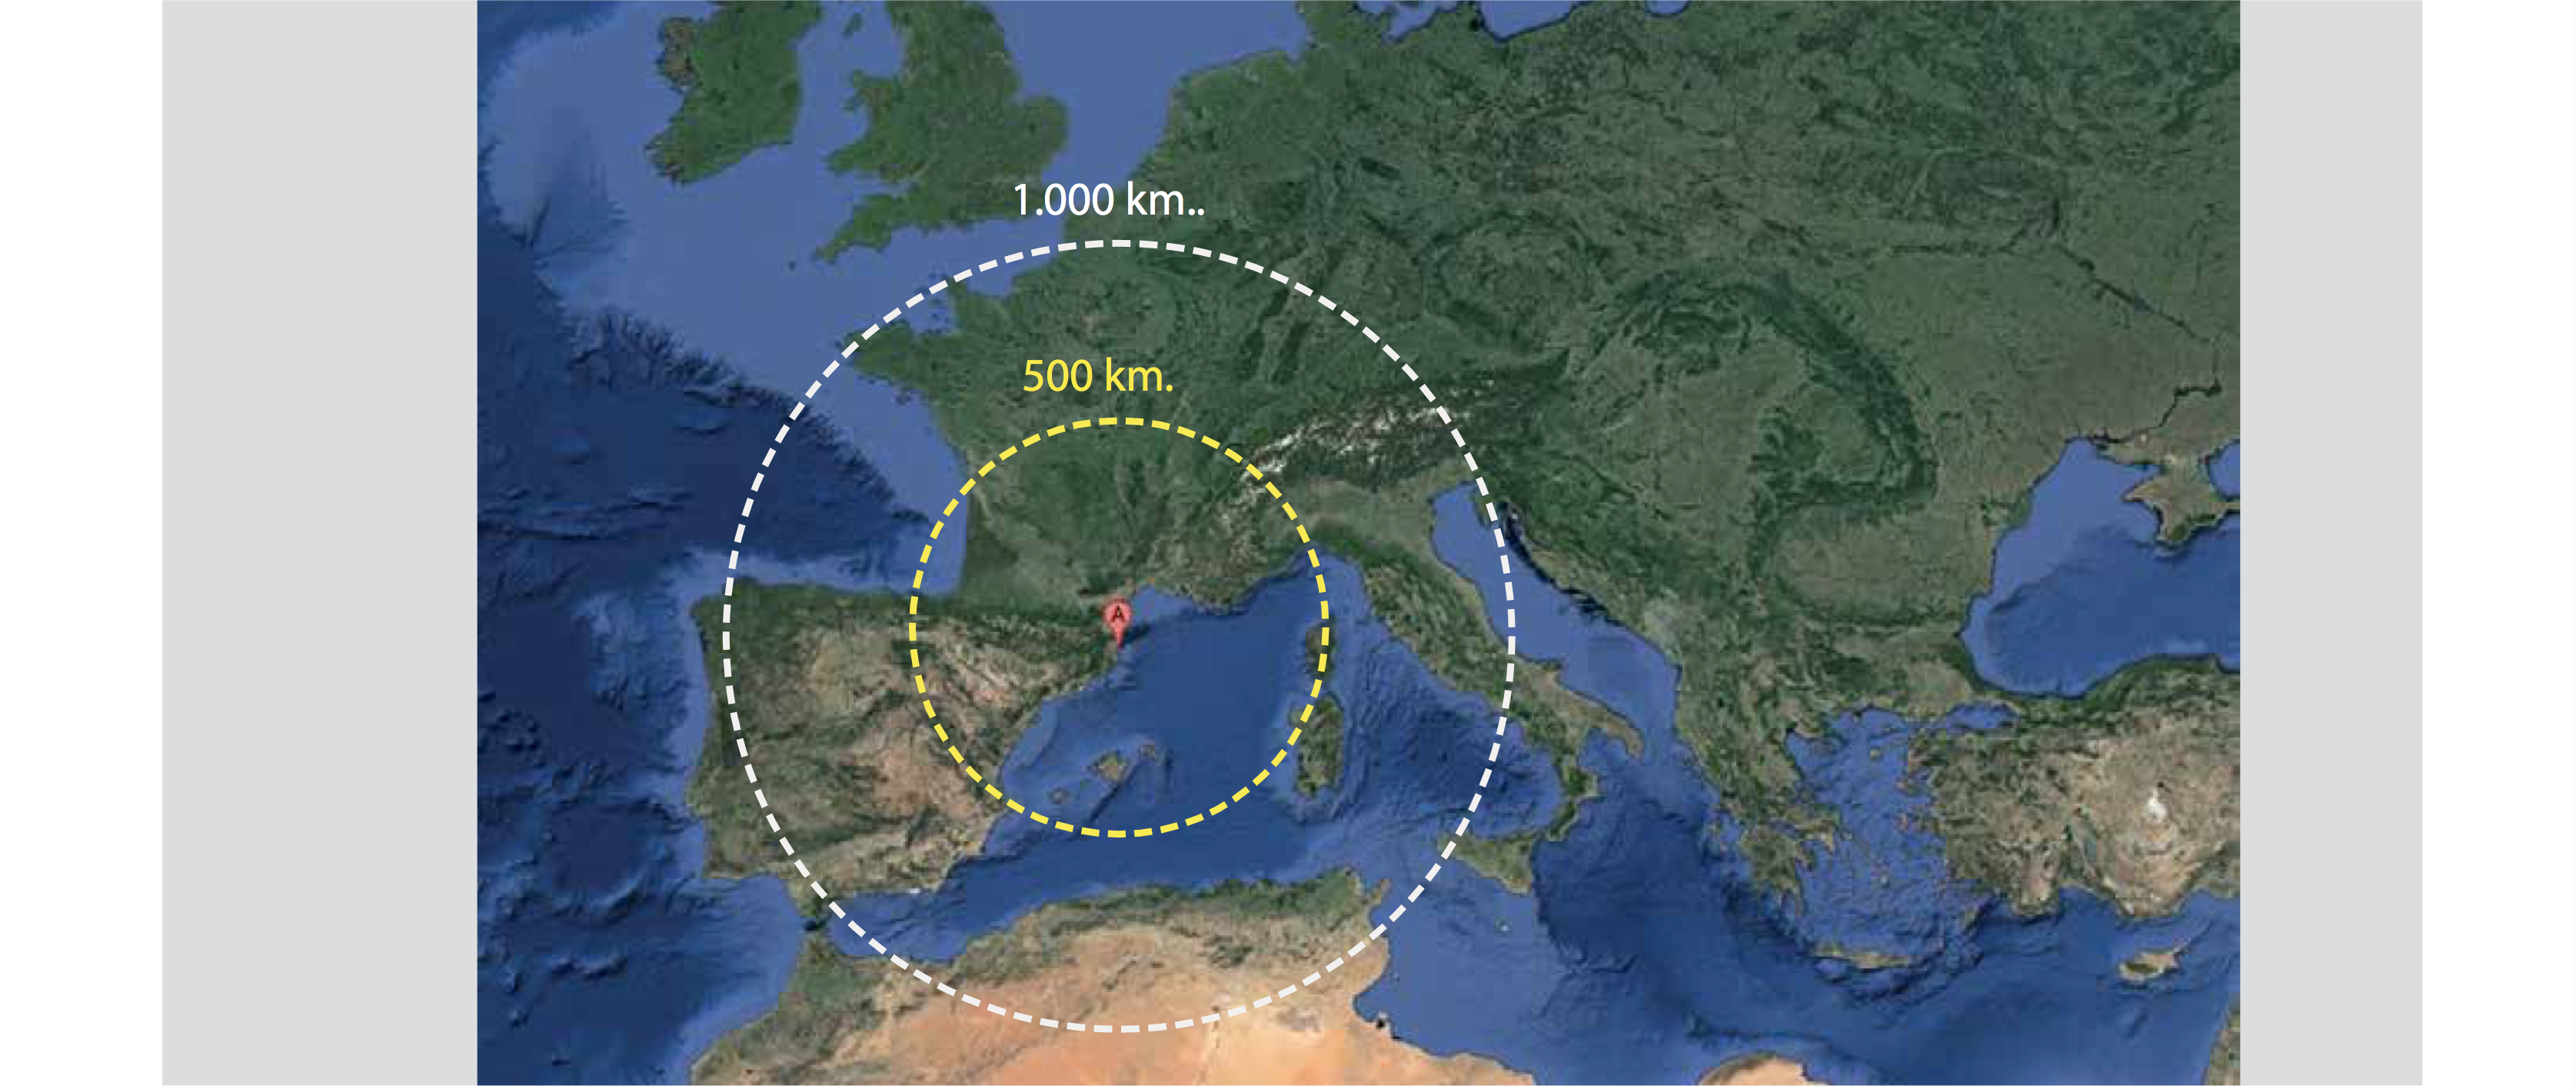 Bidbook Spain screenshot